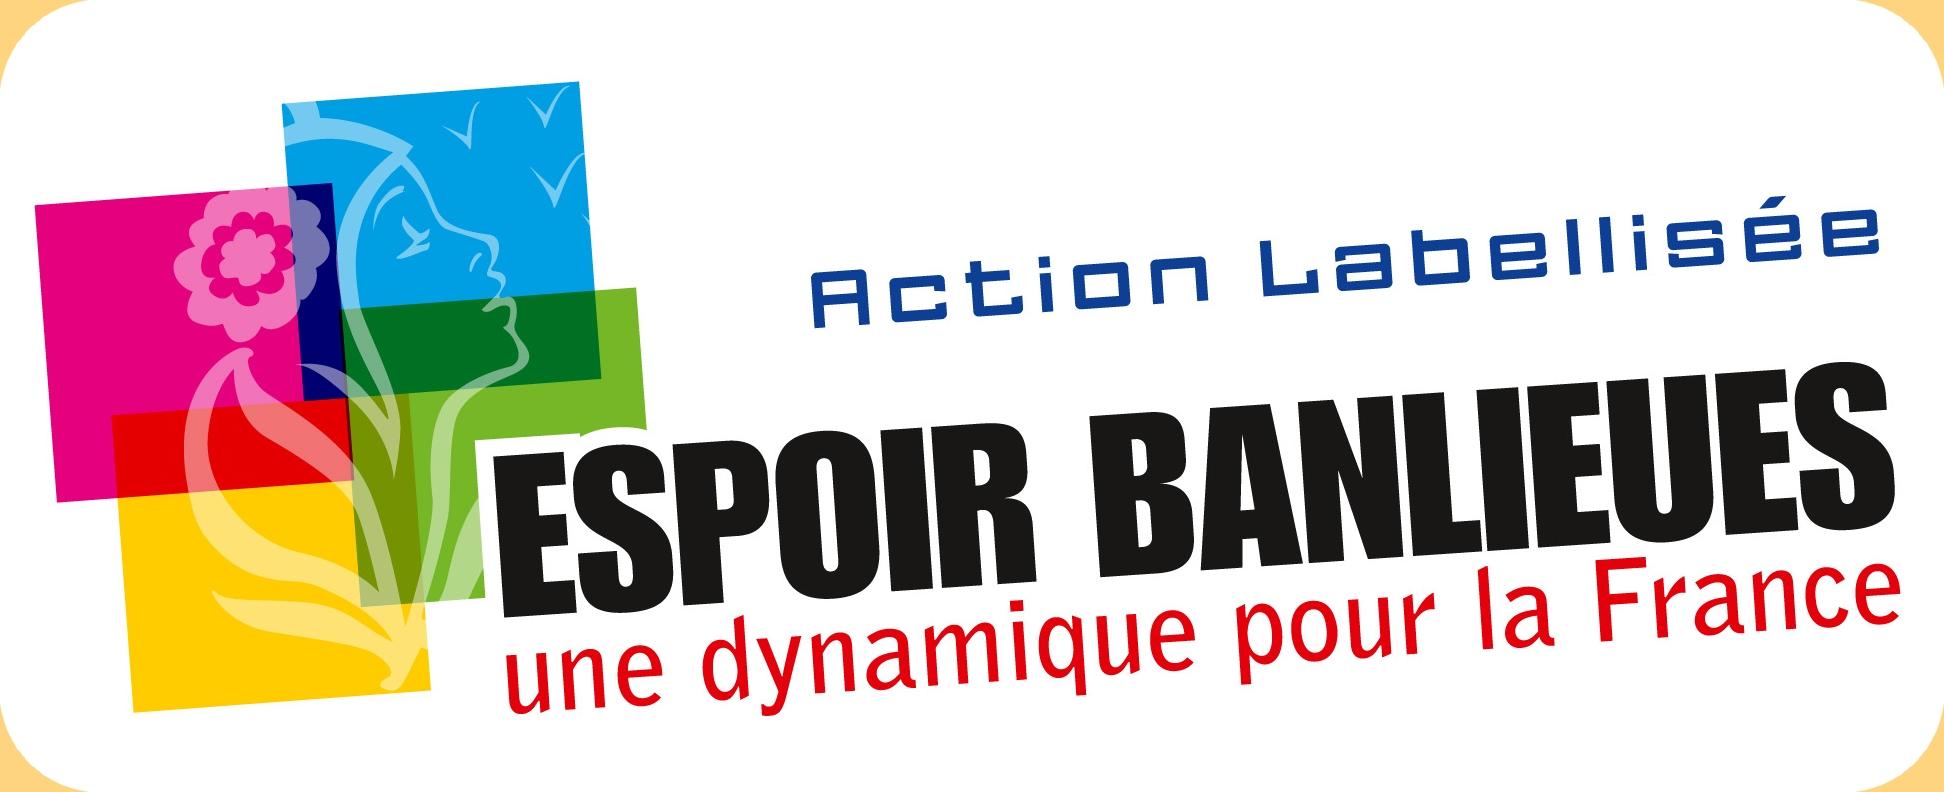 Label Espoir Banlieue